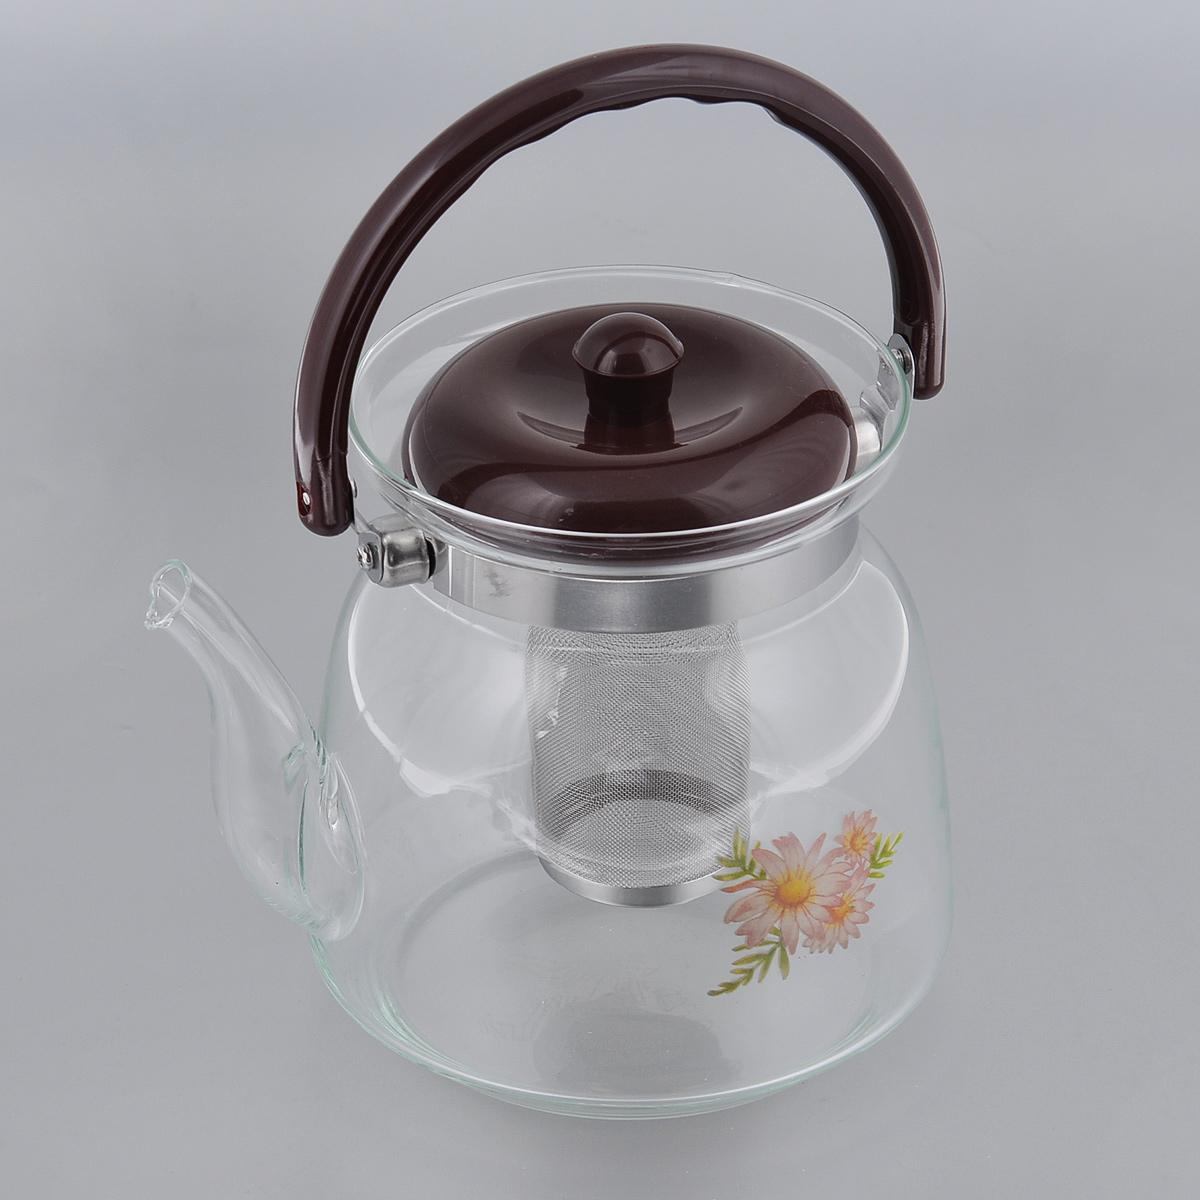 Чайник заварочный Bradex. TK 0038TK 0038Заварочный чайник Bradex выполнен из высокопрочного термостойкого стекла, которое не потрескается даже от перепадов температур. Надежная и прочная крышка выполнена из качественного пластика, устойчивого к повреждениям. Чайник оснащен специальным фильтром, который задерживает чаинки и помогает вам получить на выходе вкусный и чистый ароматный напиток. Также предусмотрена удобная ручка.Благодаря своей конструкции такой чайник одновременно выполняет две функции: сквозь стенки такого чайника можно с легкостью разглядеть консистенцию и крепость завариваемого чая, а также такой вид чайника будет смотреться крайне эстетично на вашем столе.Диаметр чайника (по верхнему краю): 13 см. Высота чайника: 17 см. Высота фильтра: 9 см.